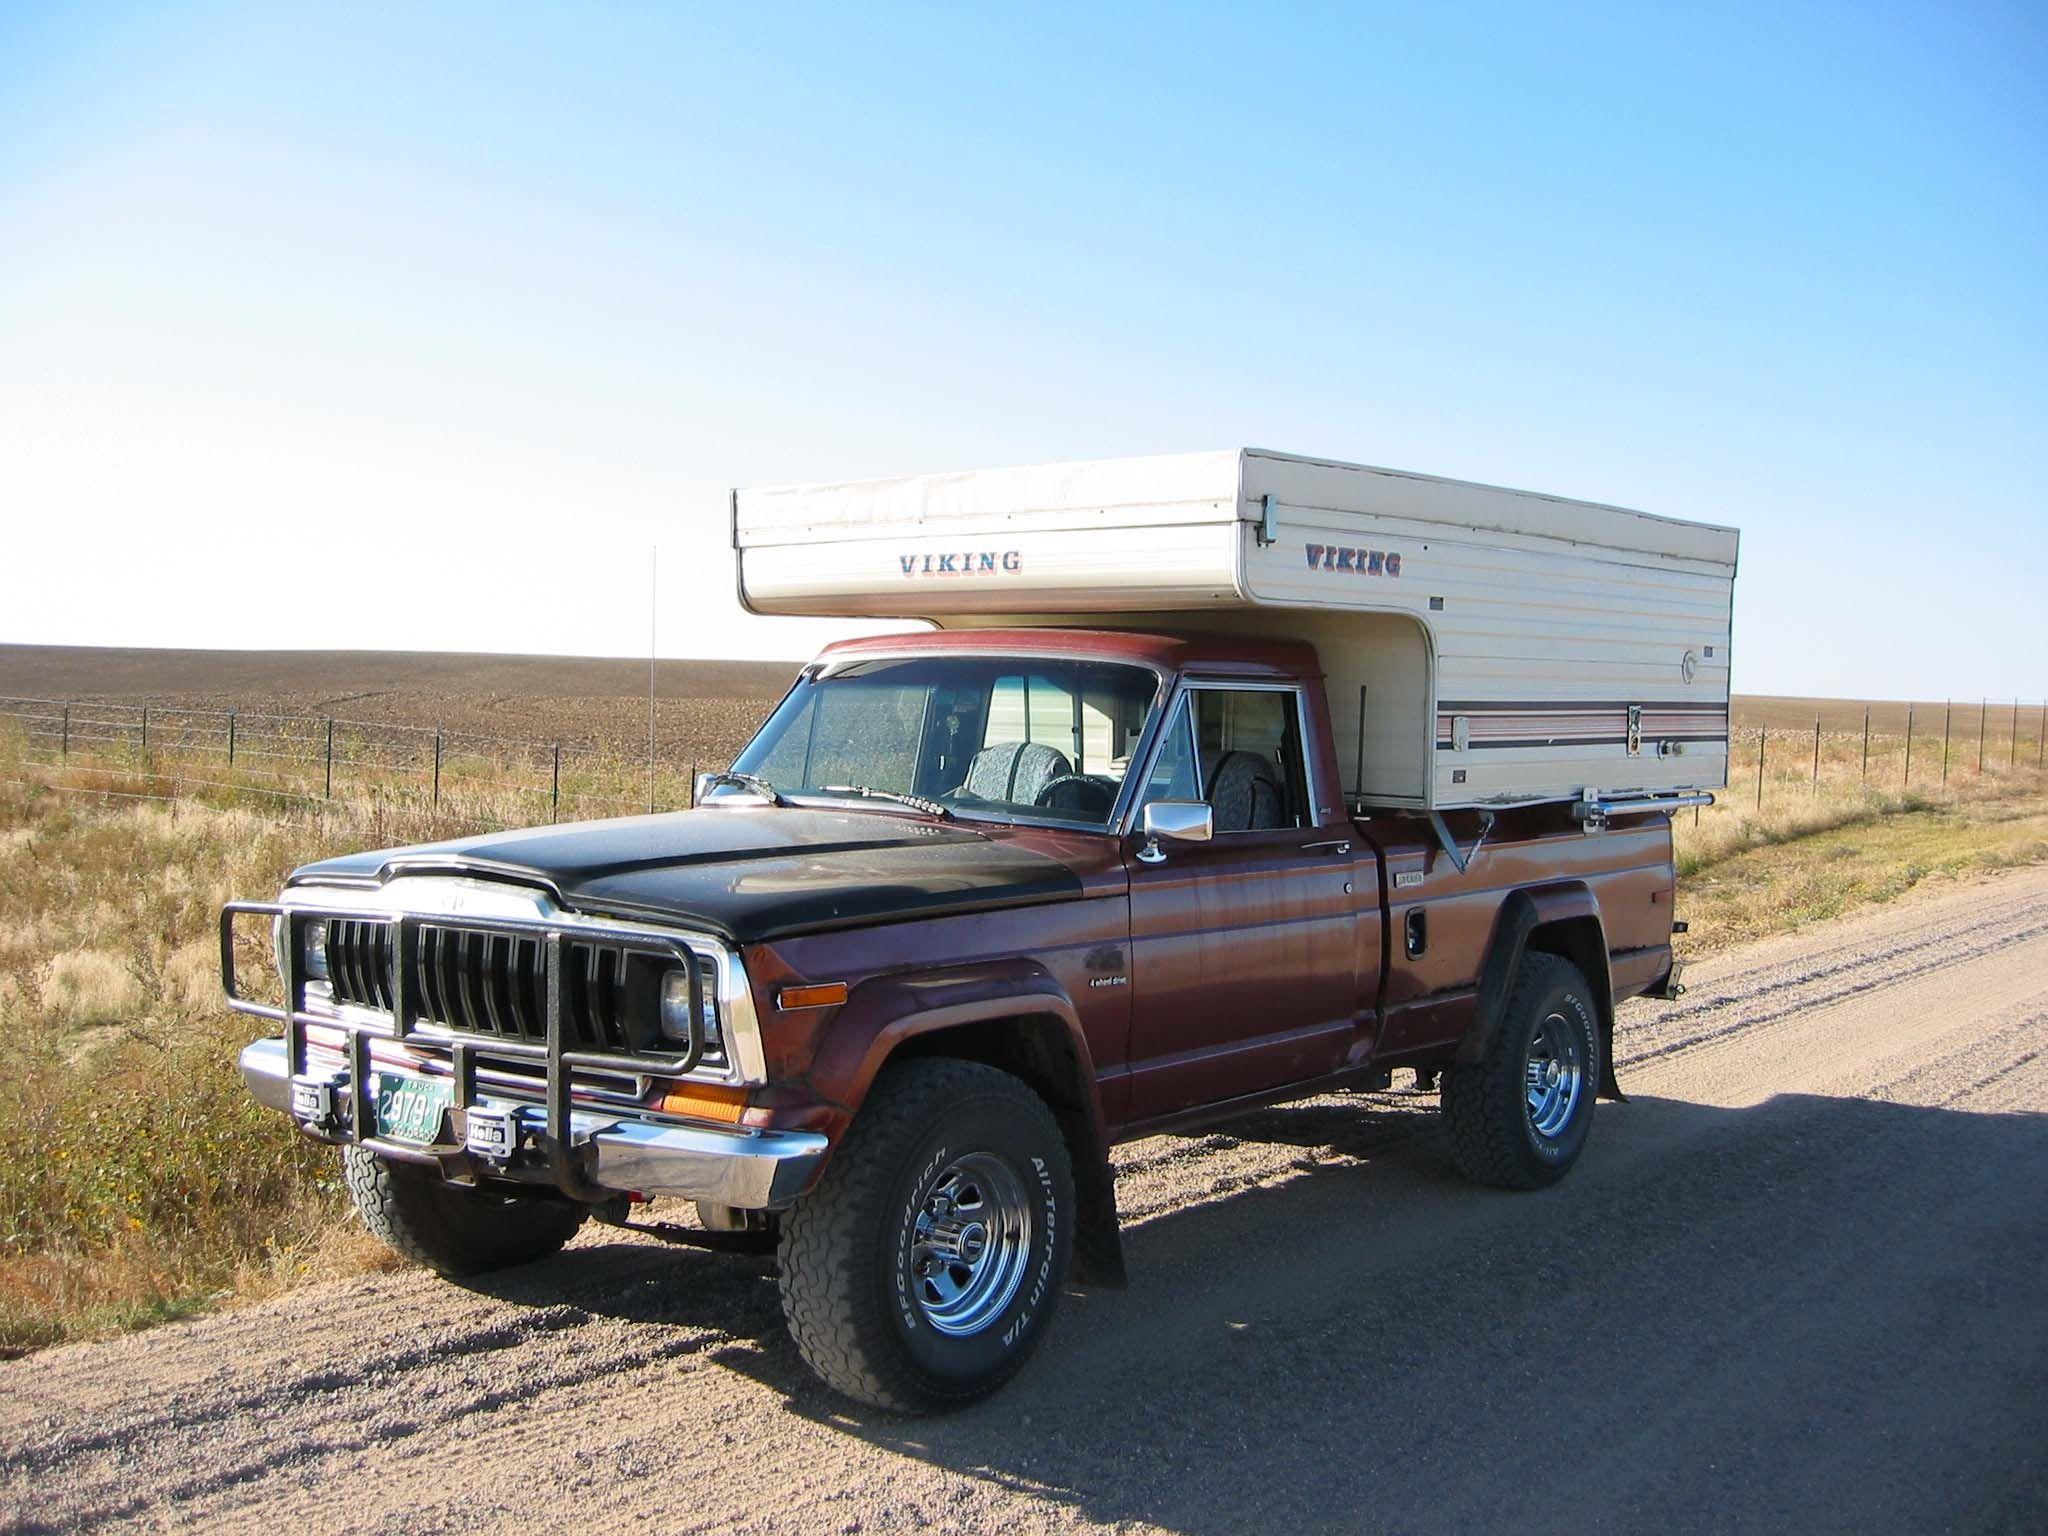 j10 with slide in camper truck pop up campers pinterest pickup camper jeeps and truck camper. Black Bedroom Furniture Sets. Home Design Ideas